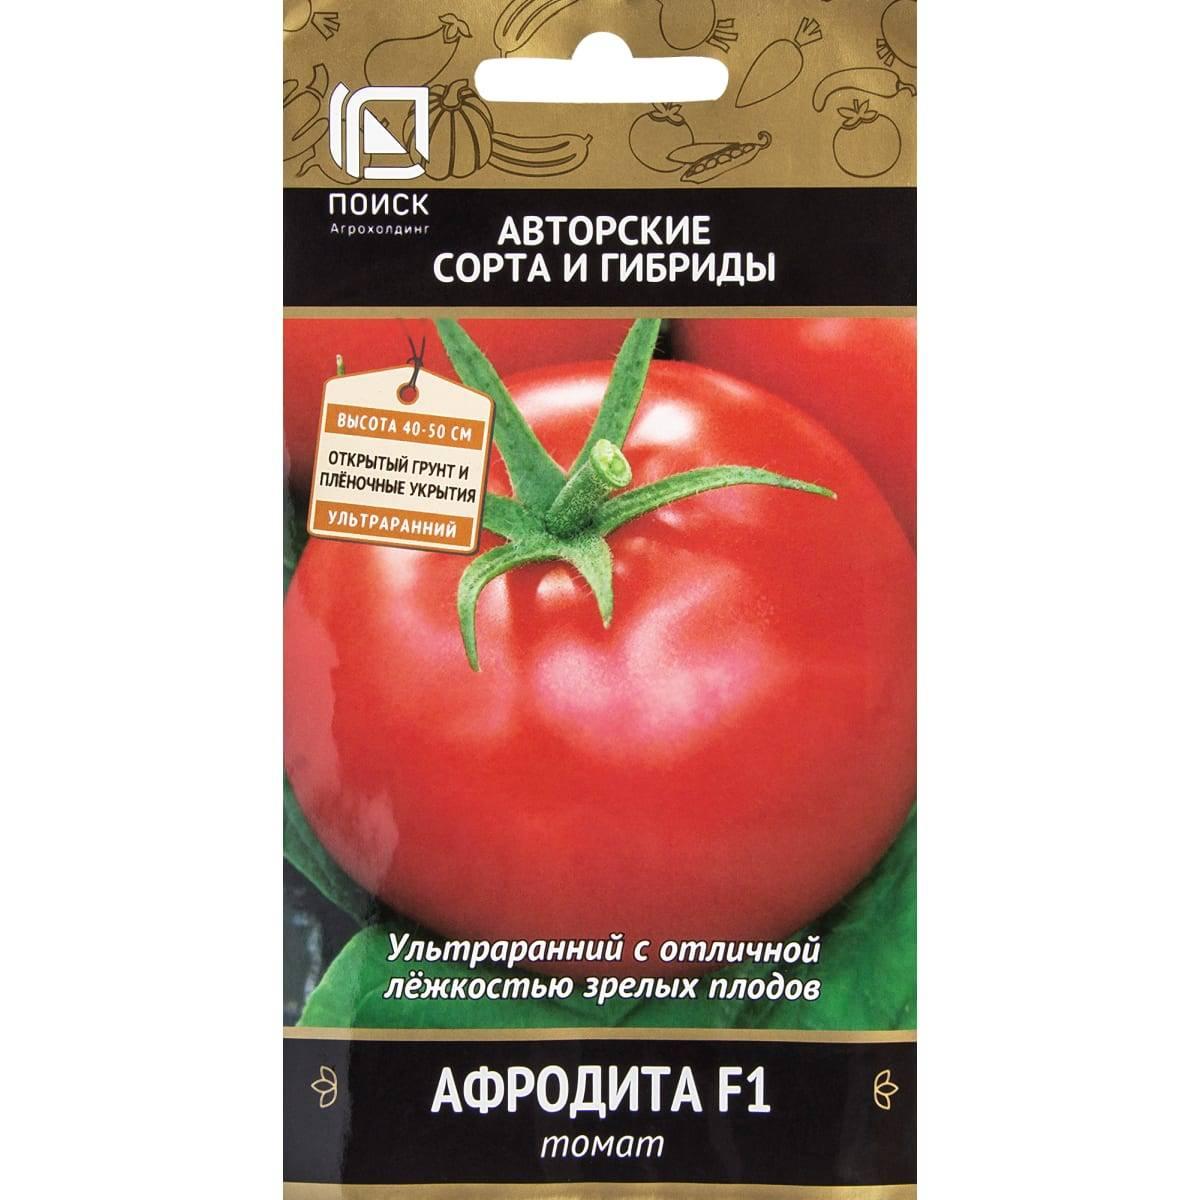 Томат афродита f1: описание сорта, выращивание, фото